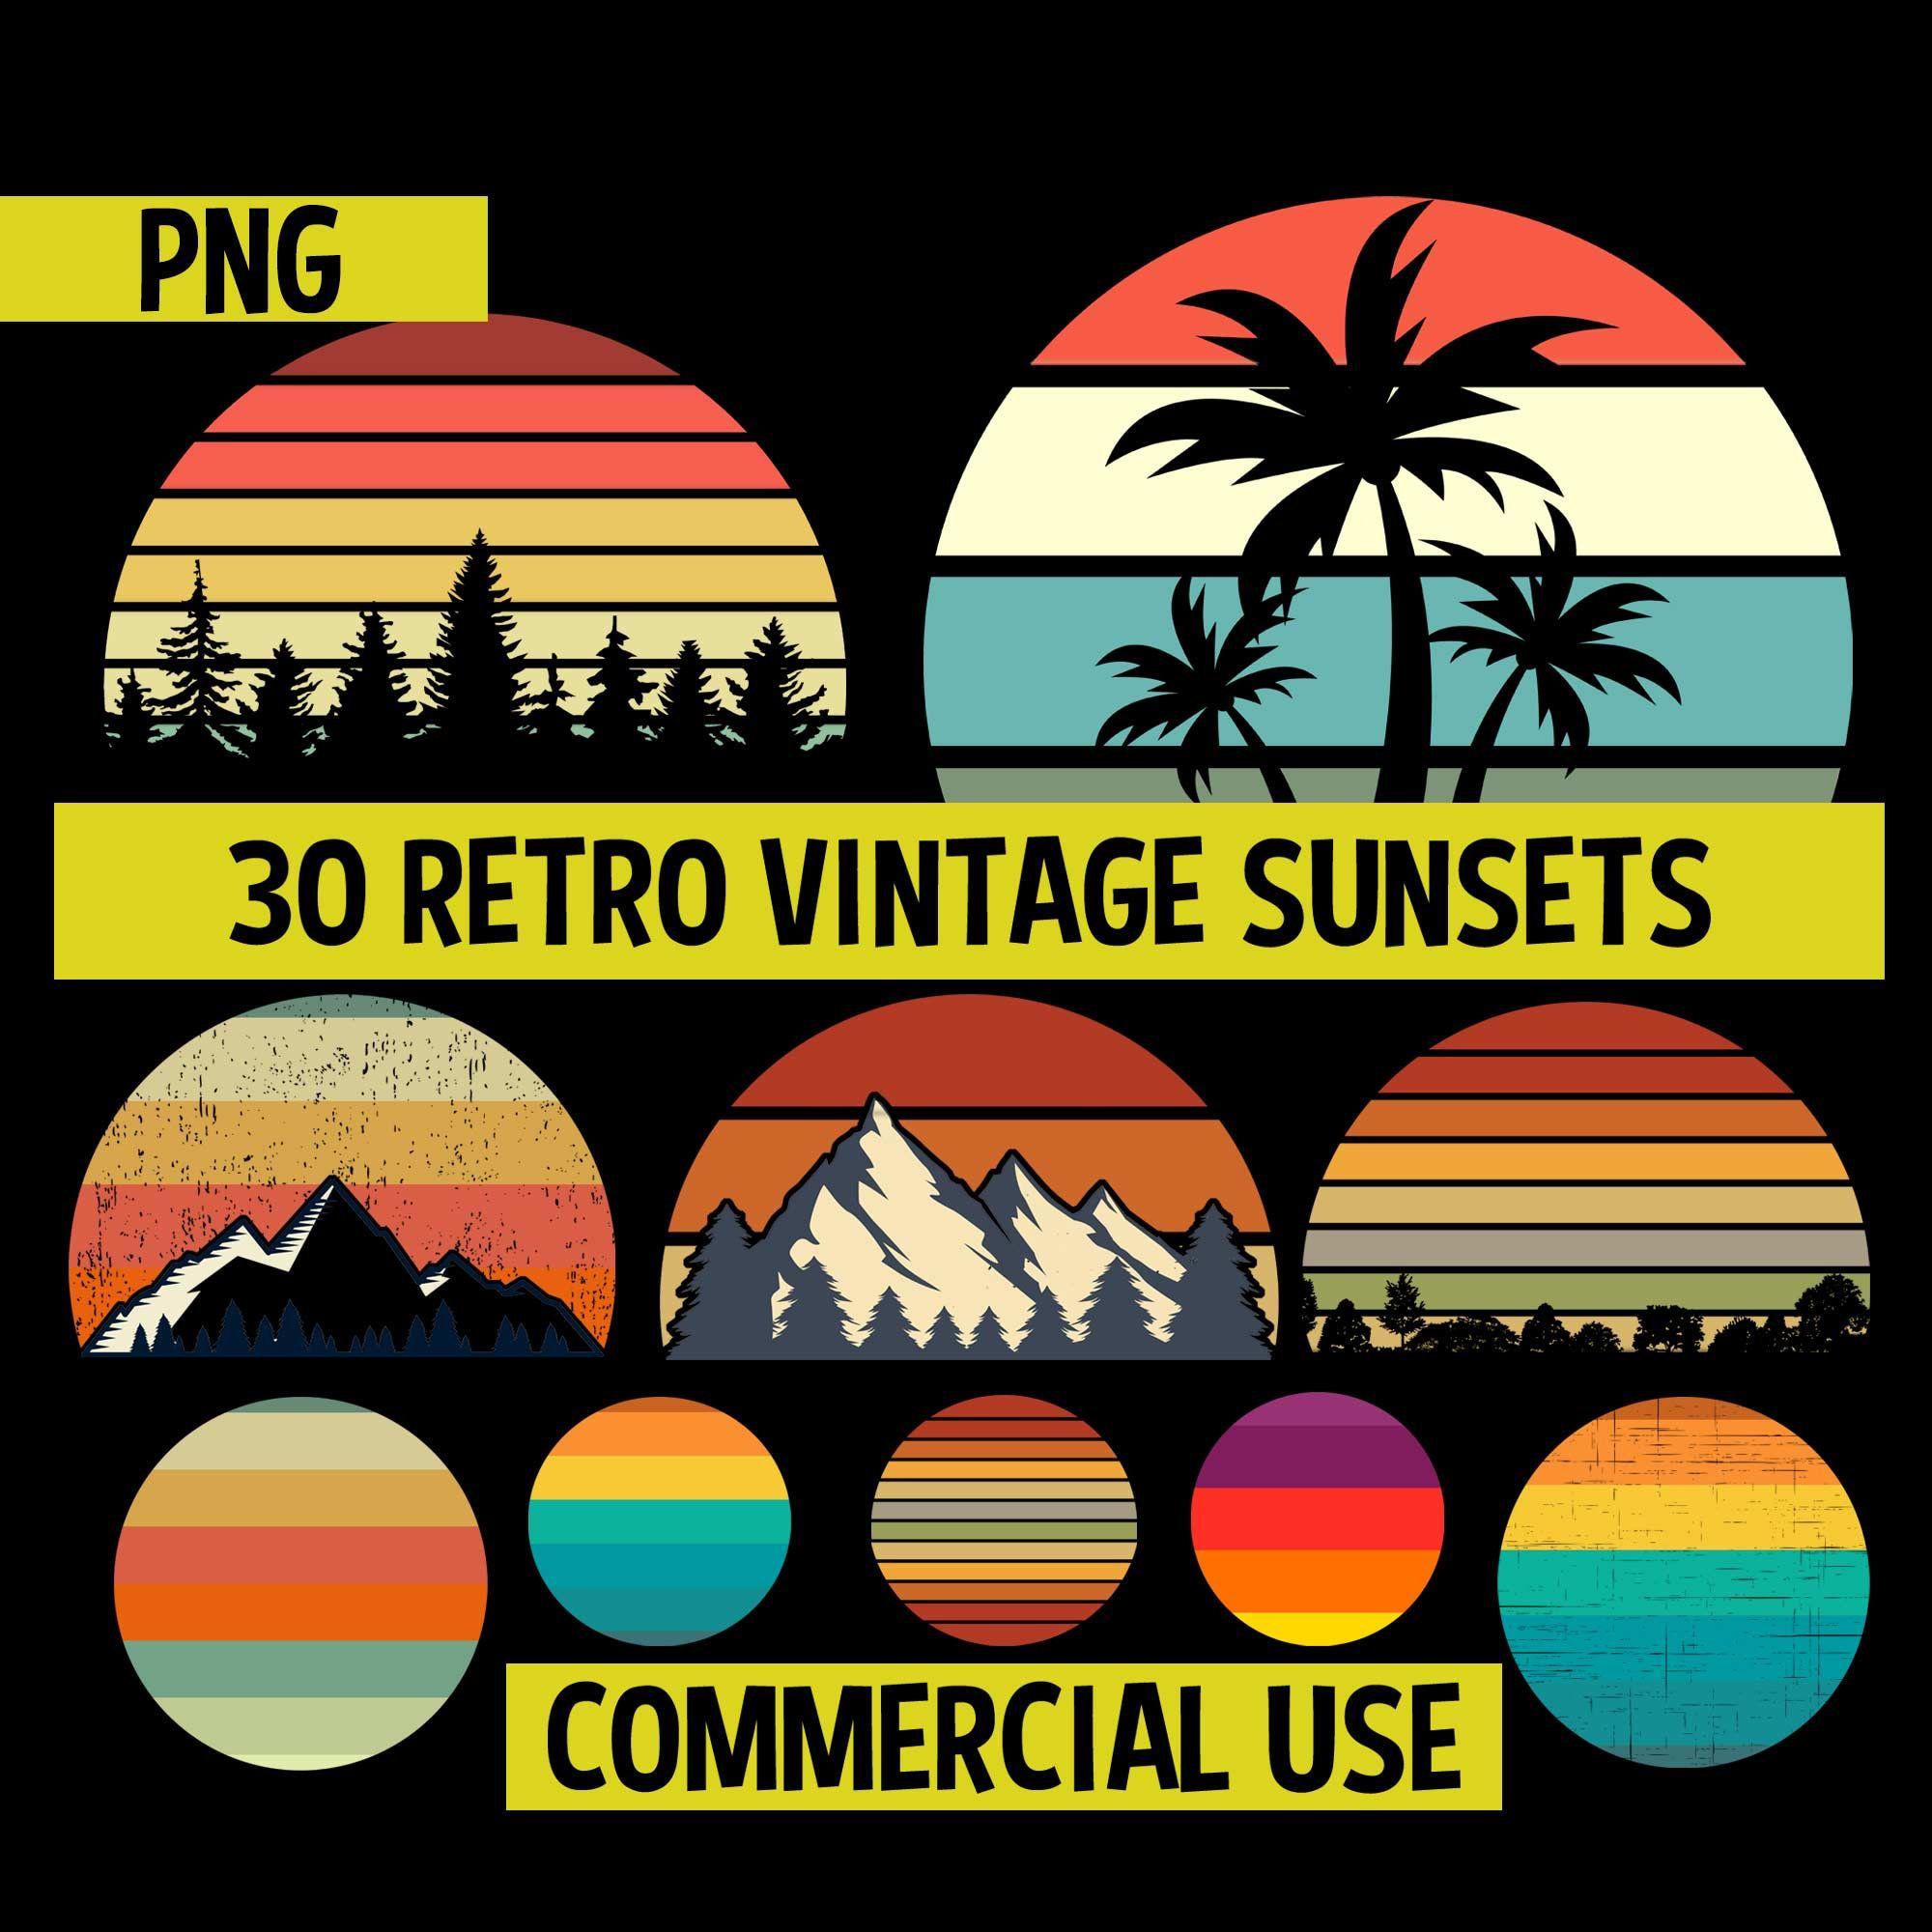 Retro Vintage Sunsets Pack 1 30 Retro Sunset Clipart Png Etsy Vintage Logo Design Retro Color Palette Retro Vintage